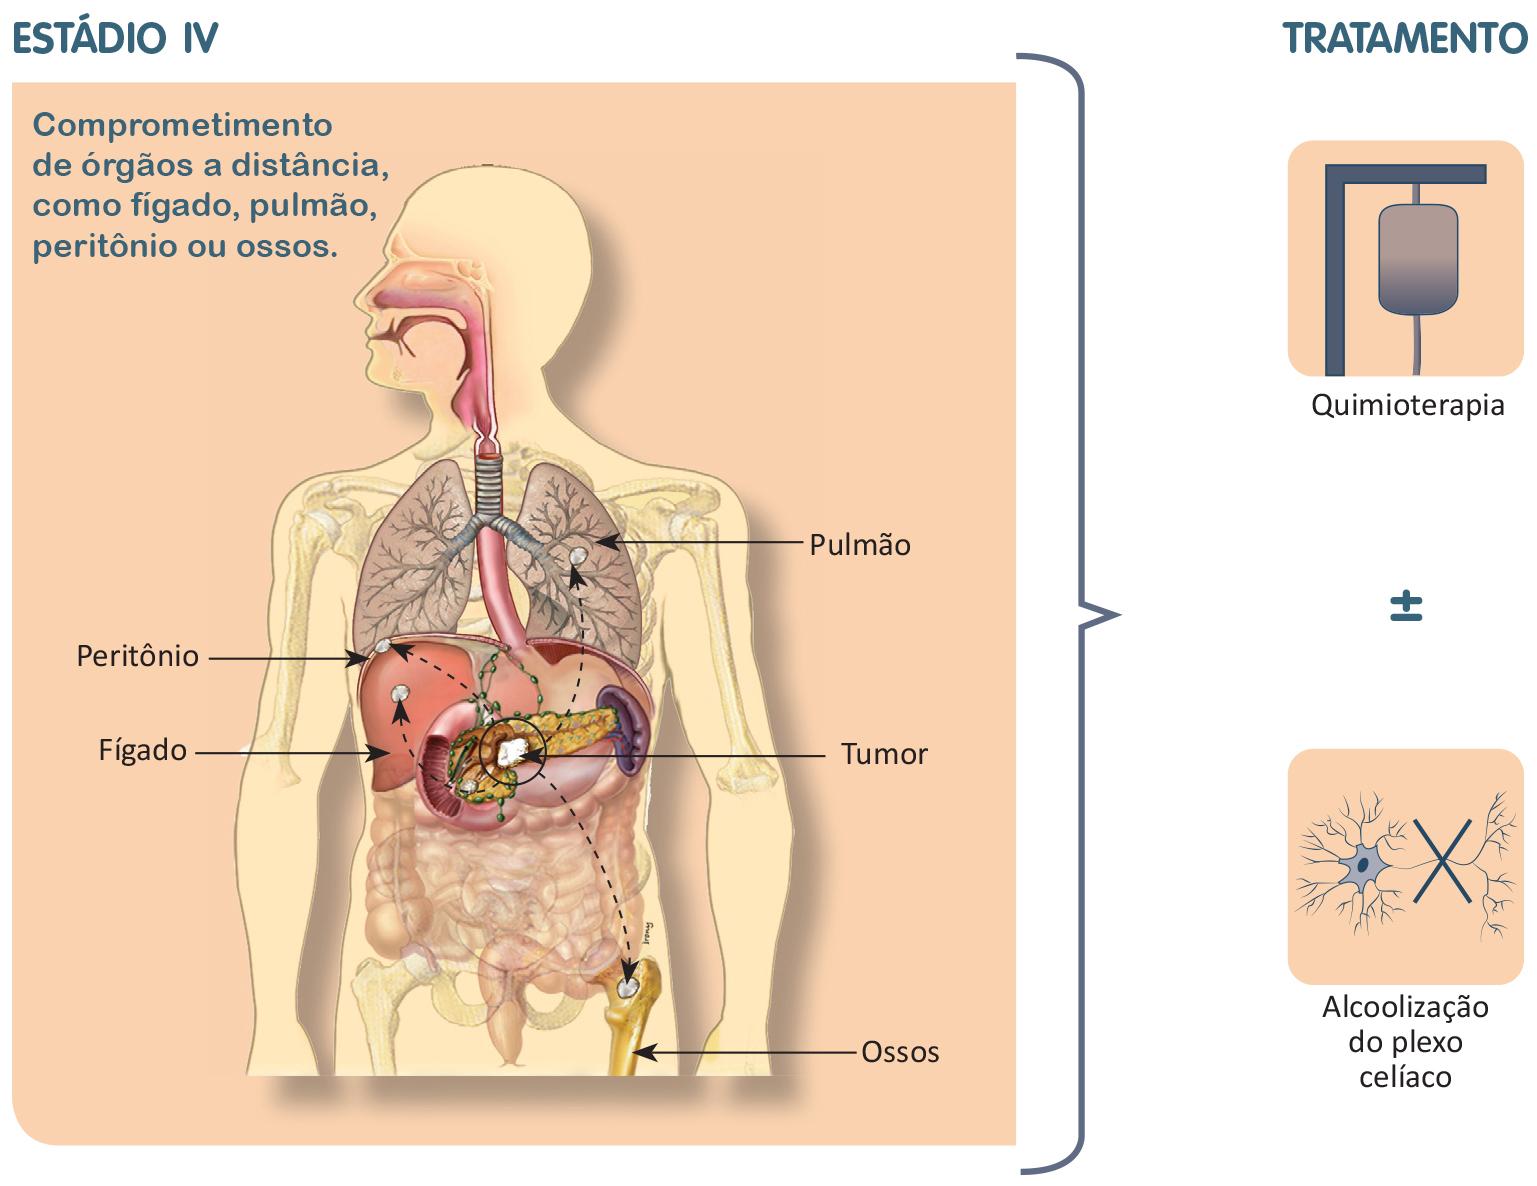 Tratamento do câncer de pâncreas estádio 4.